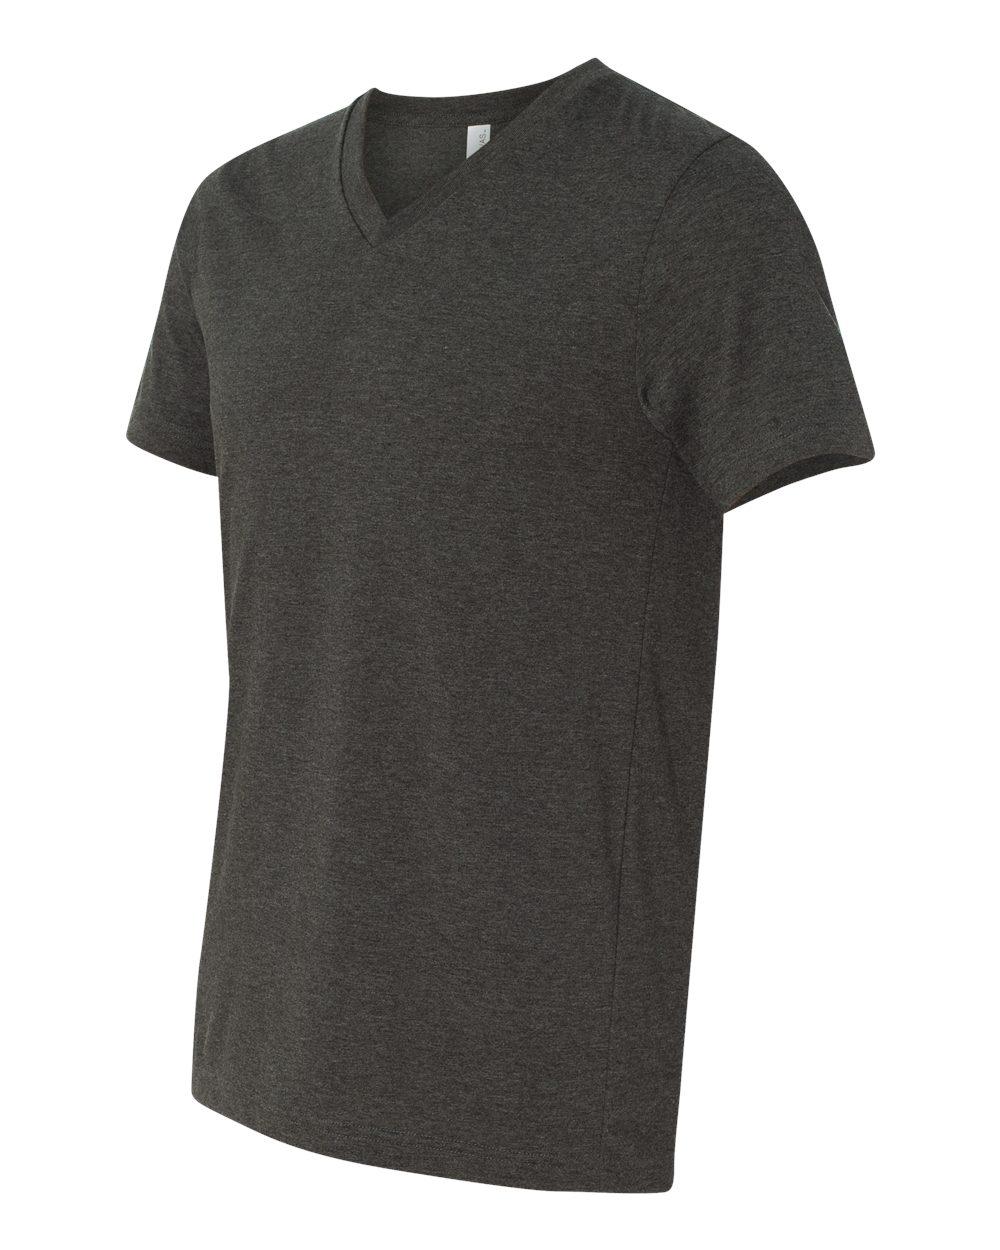 Bella-Canvas-Men-039-s-Jersey-Short-Sleeve-V-Neck-T-Shirt-3005-XS-3XL thumbnail 109